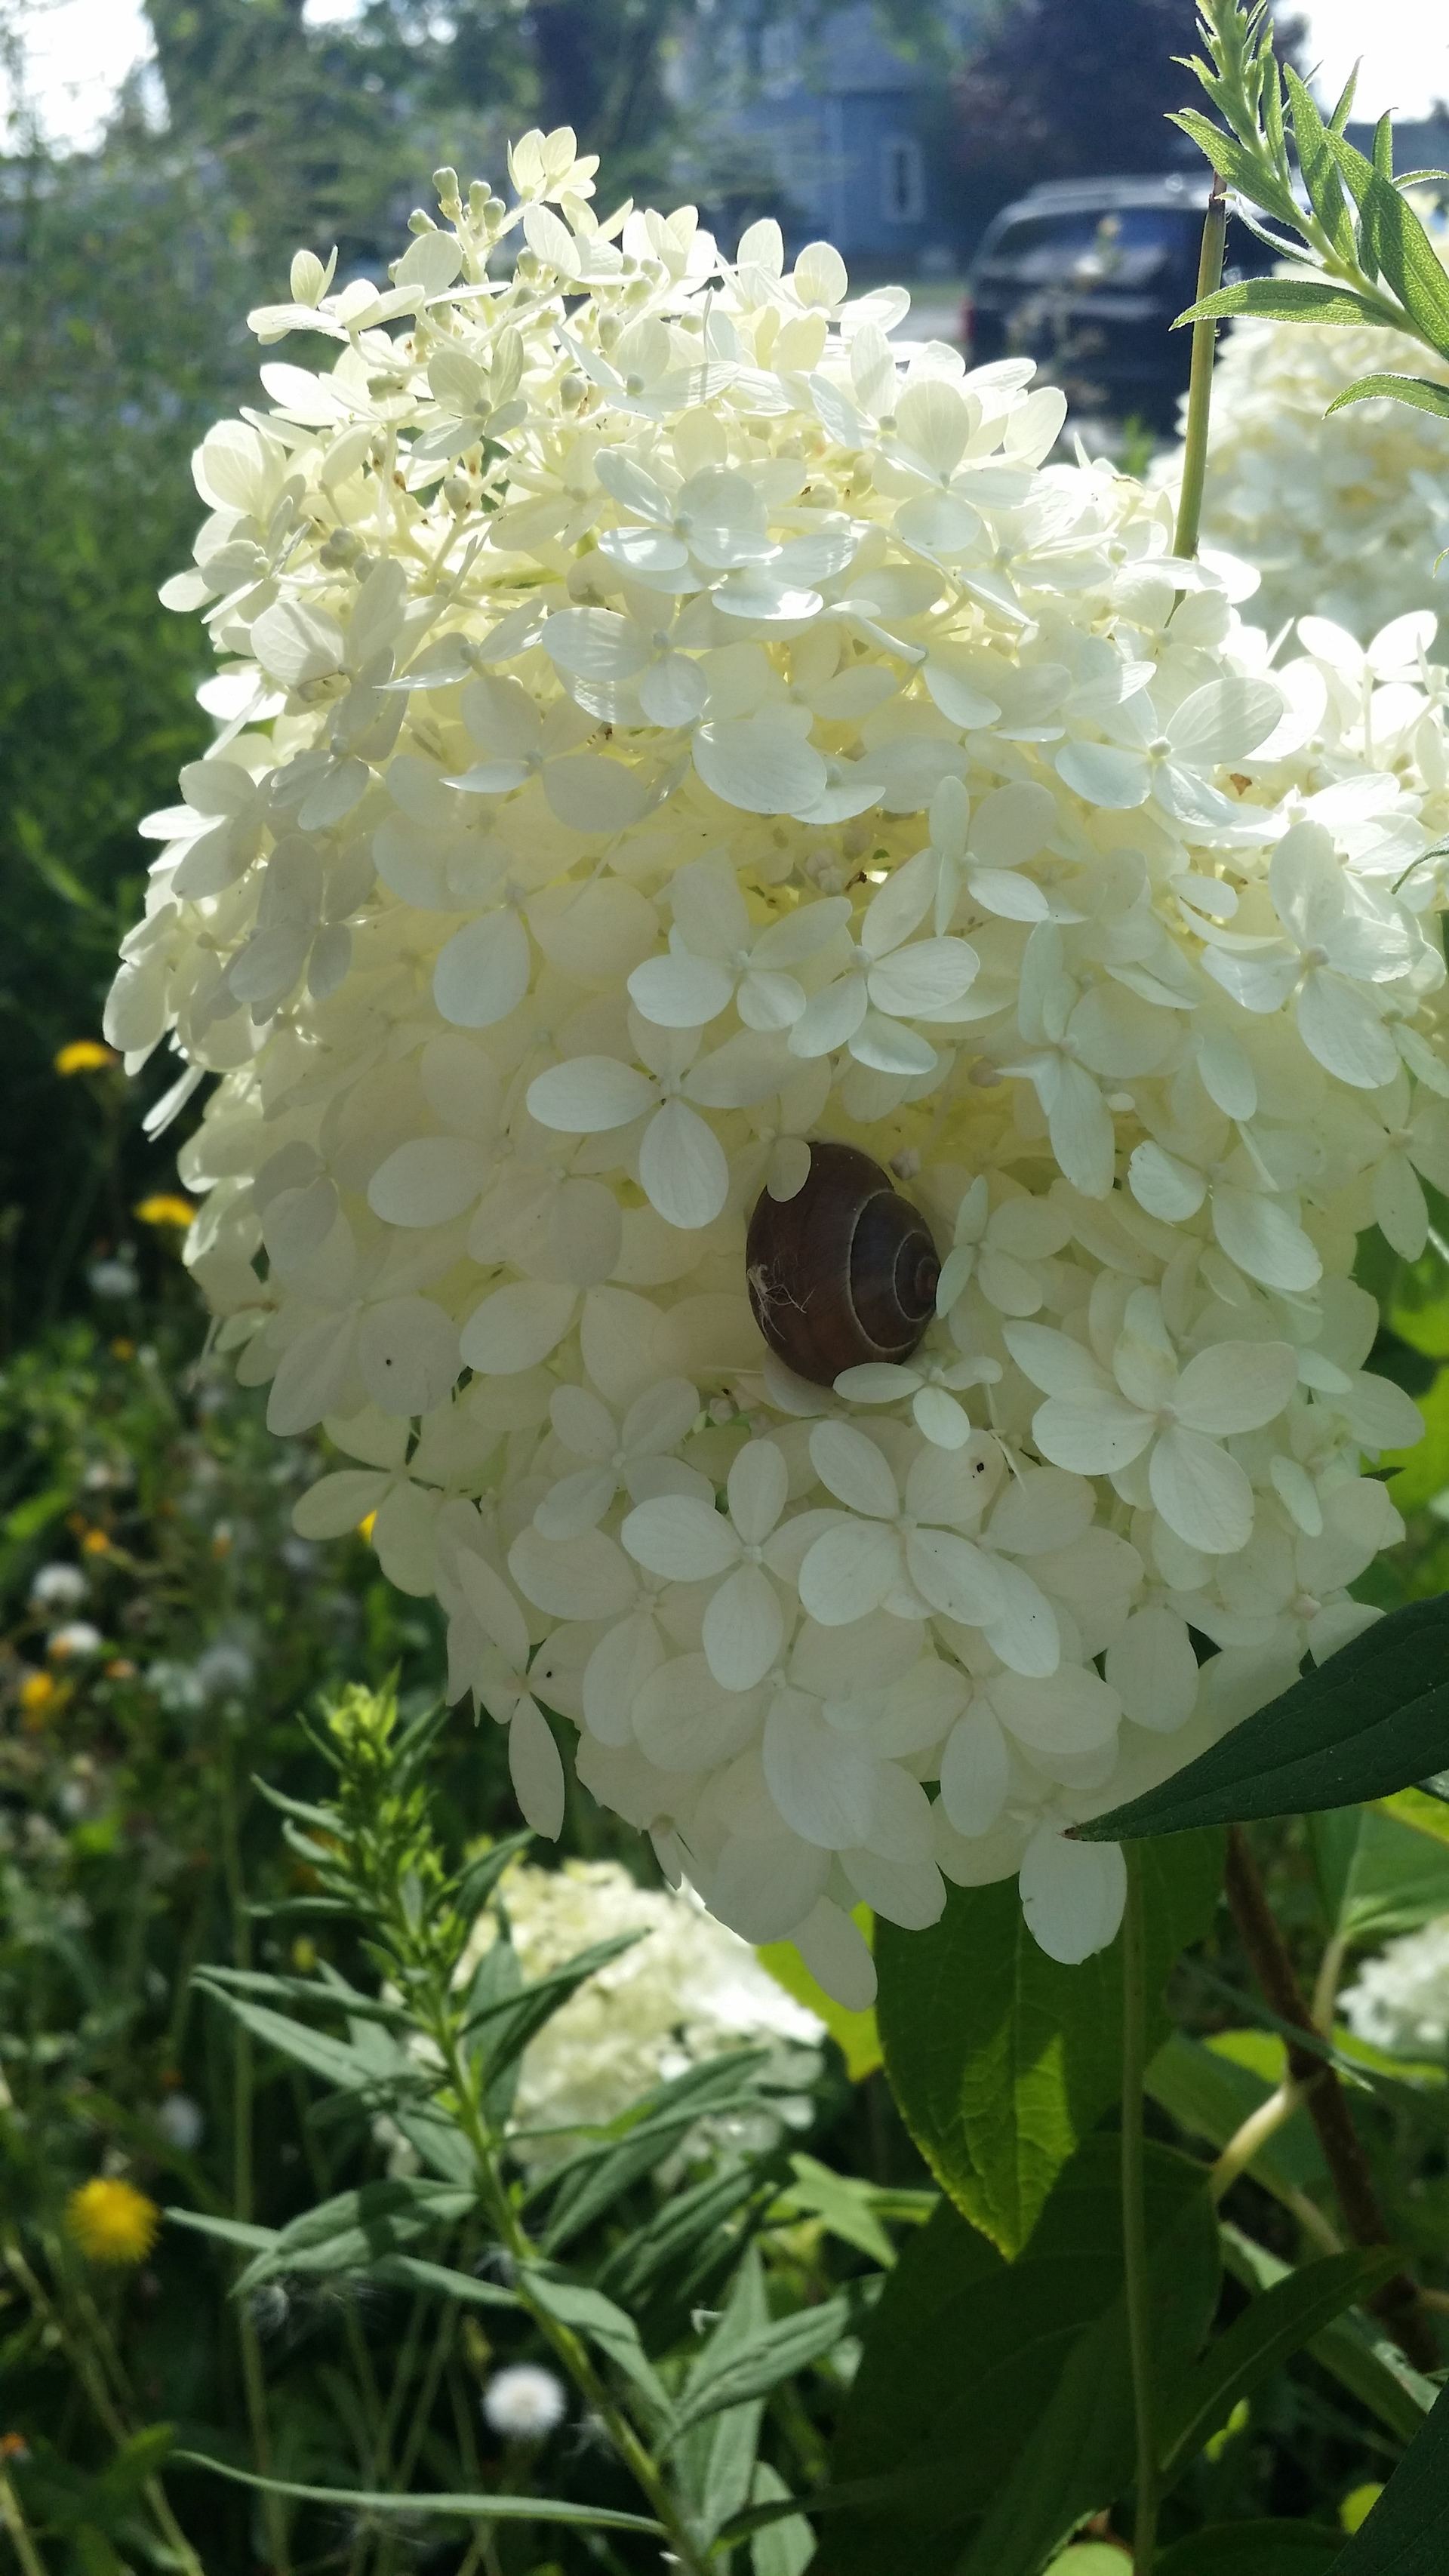 snail. snail in a flower